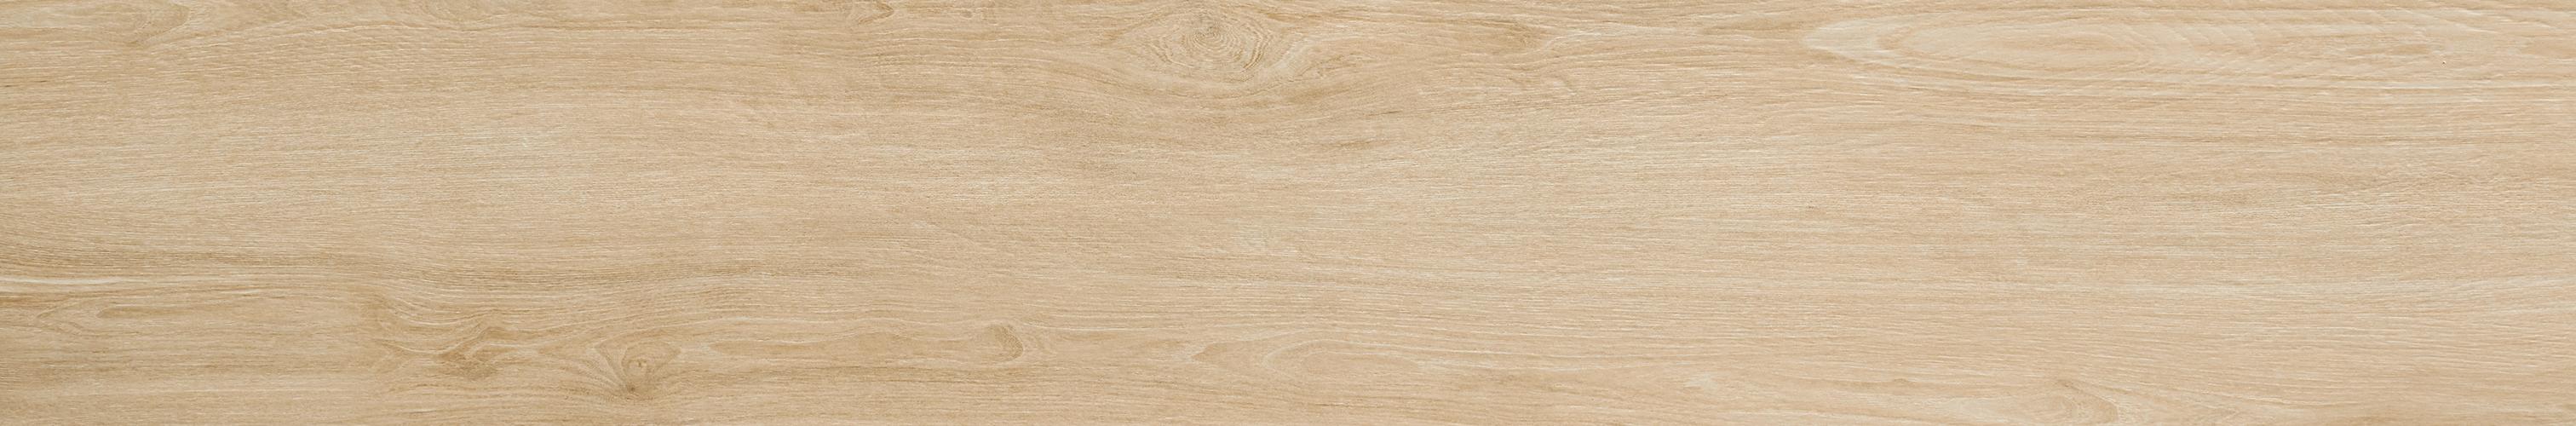 Metropol Woodtime Oak Boden-/Wandfliese 150x24,8 MATT